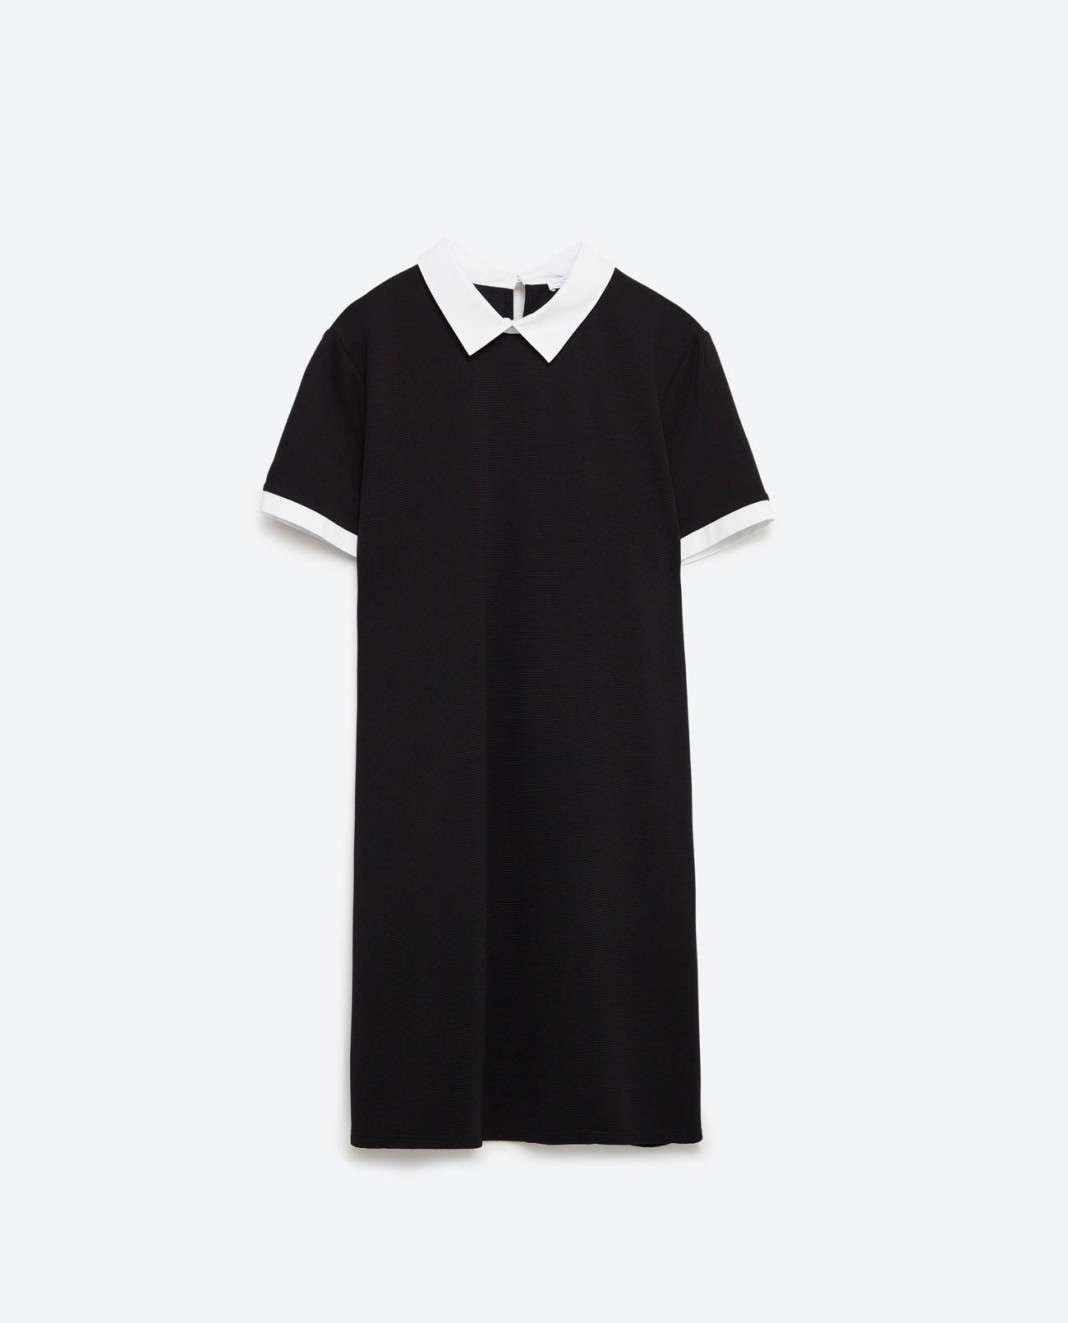 vestidos de Zara para el verano 2016 blanco y negro cuello